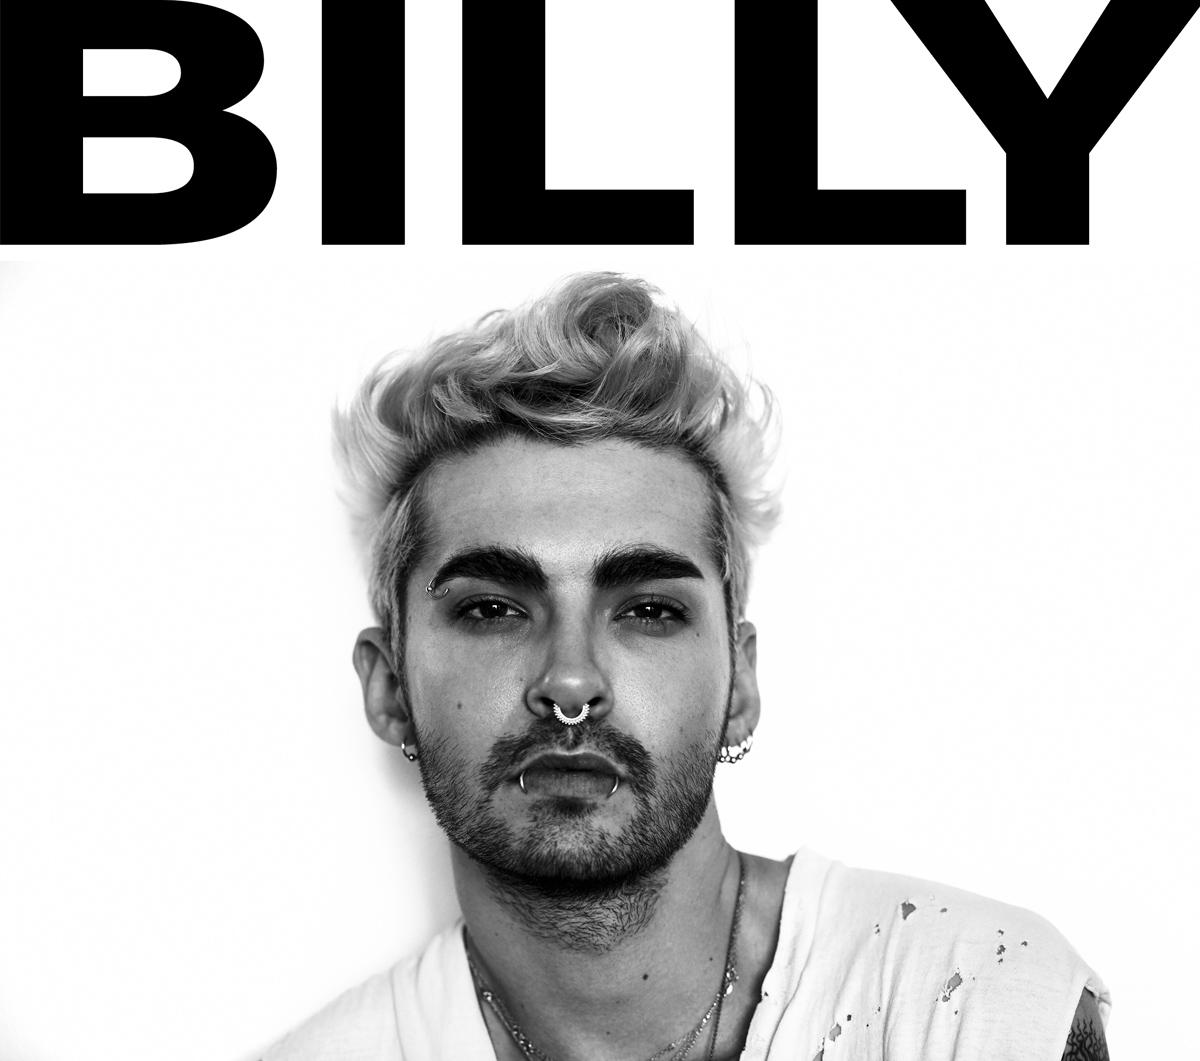 BILLY_Teaserfoto_Credit_DavisFactor